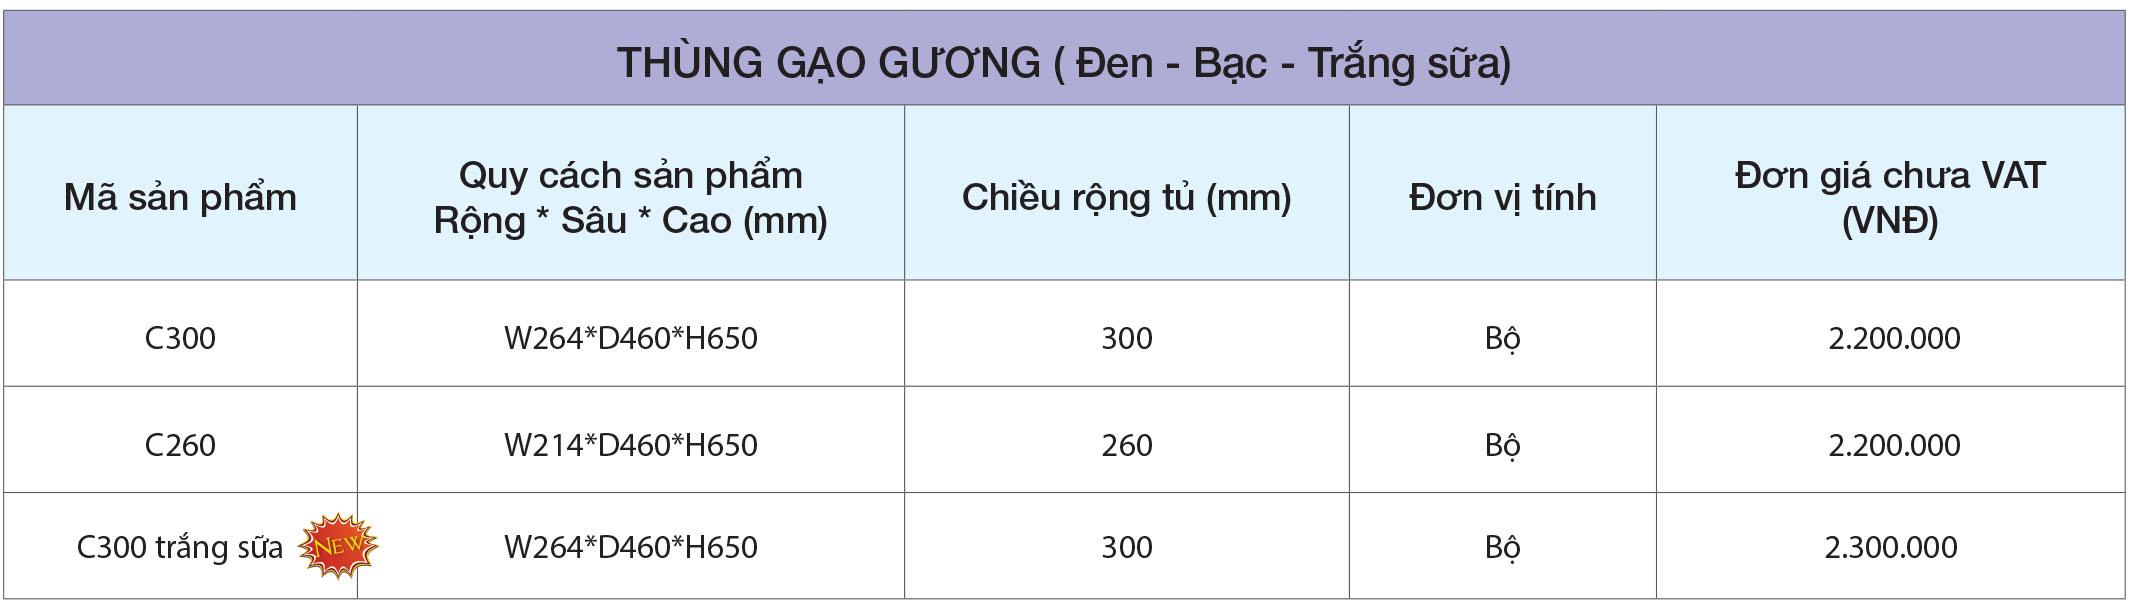 Thông số Thùng gạo gương C300 Eurogold